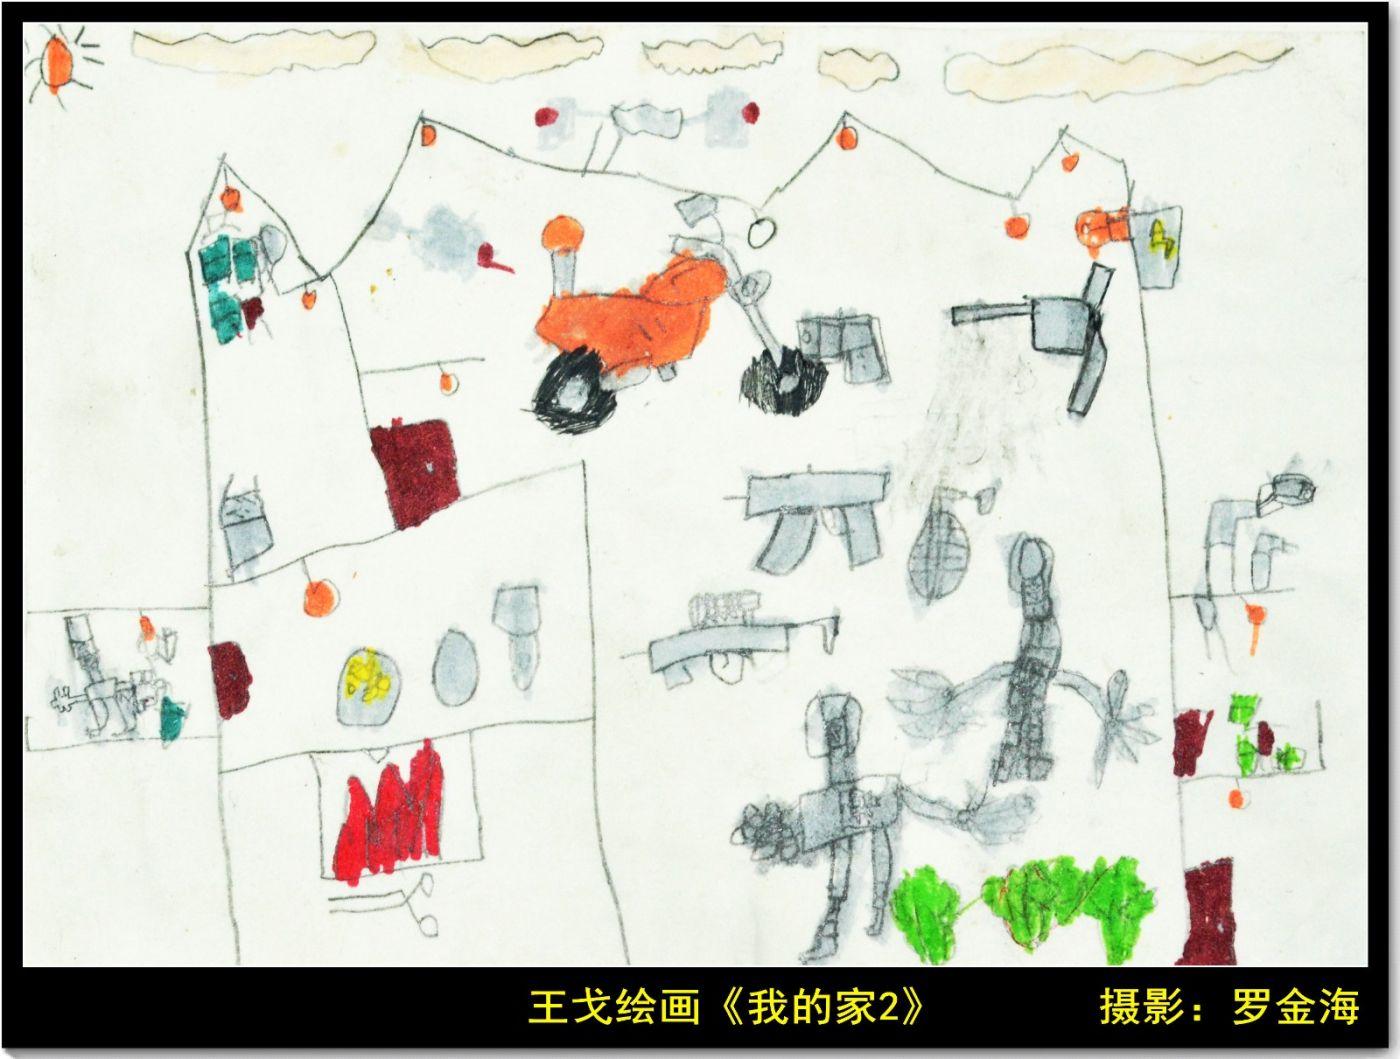 王戈的绘画欣赏(三)七律_图1-6